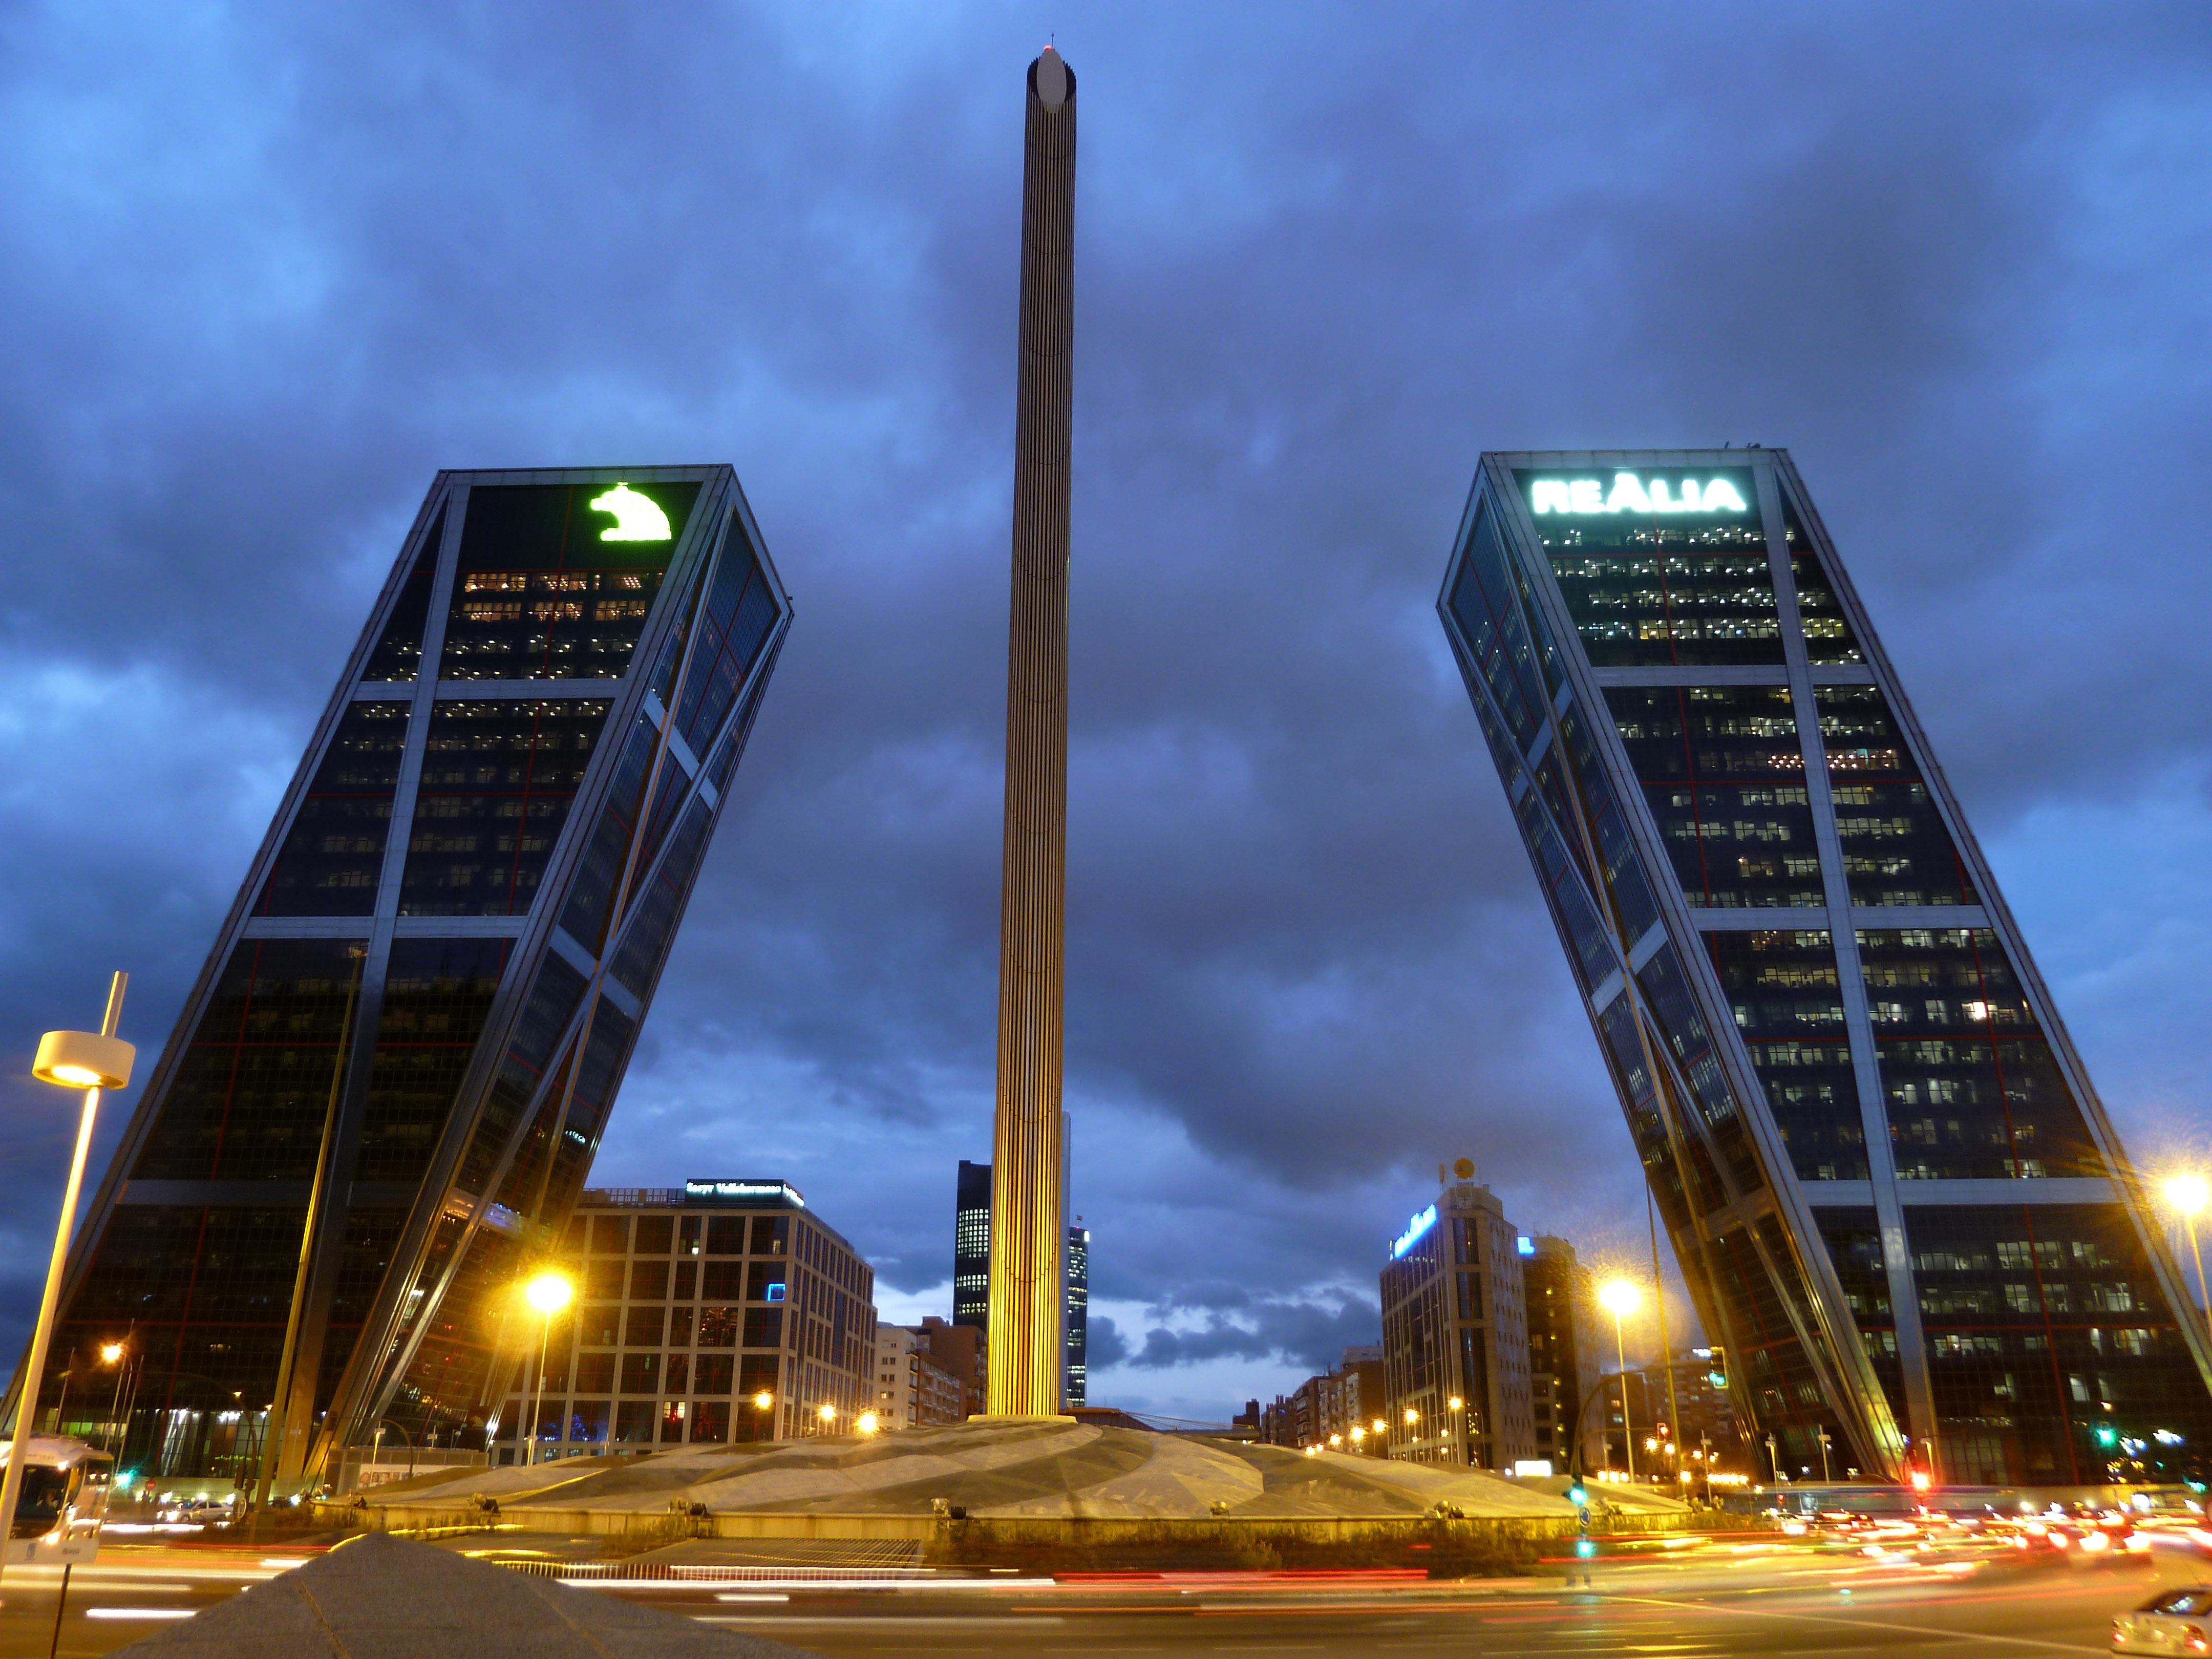 Hotel Europa Centro Palencia Espagne